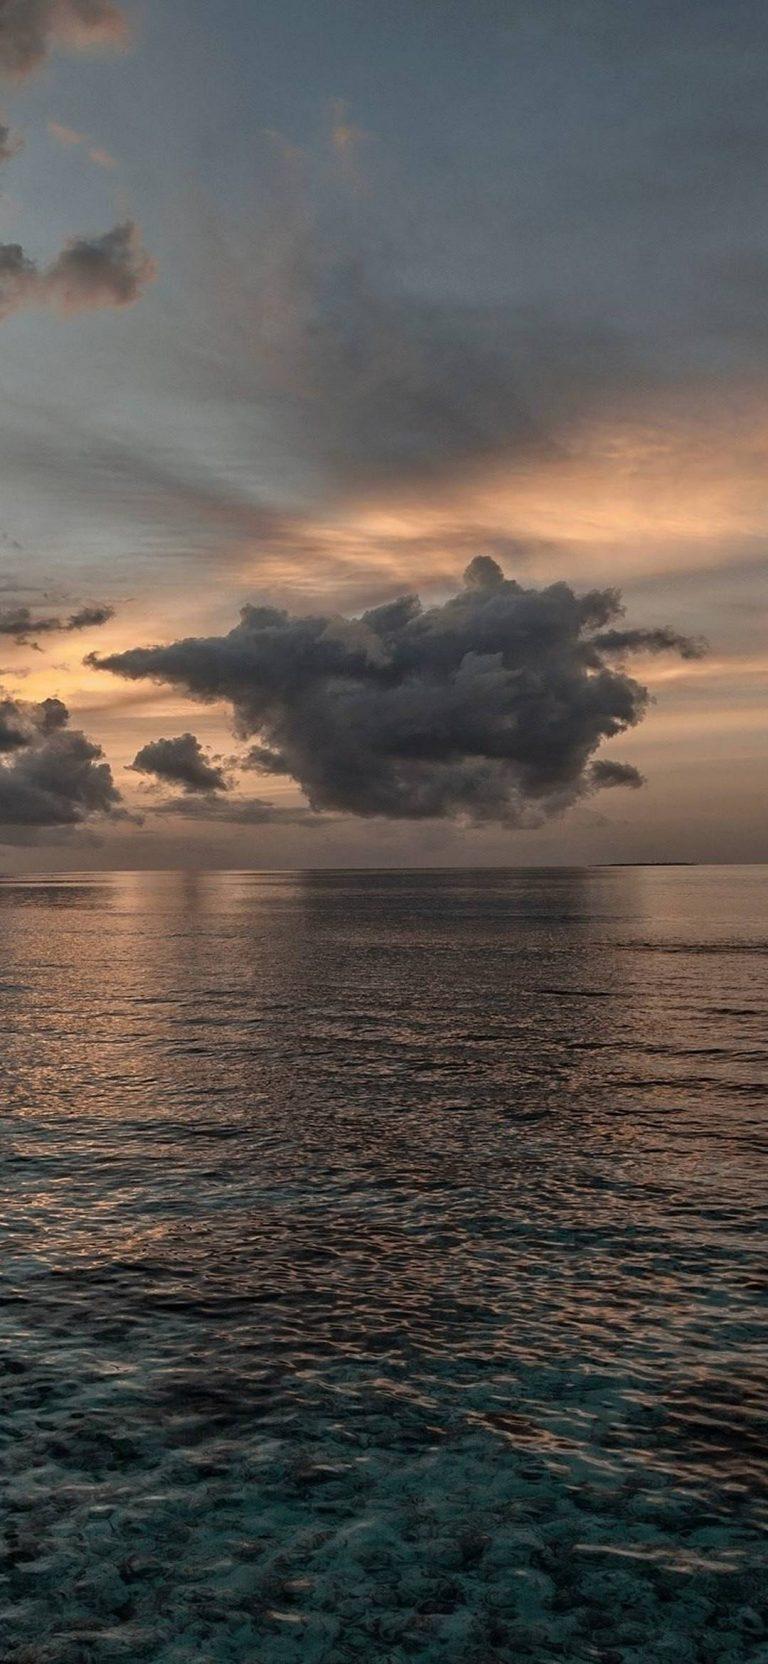 Sunset Sea Sky Ol Landscape 1080x2340 768x1664